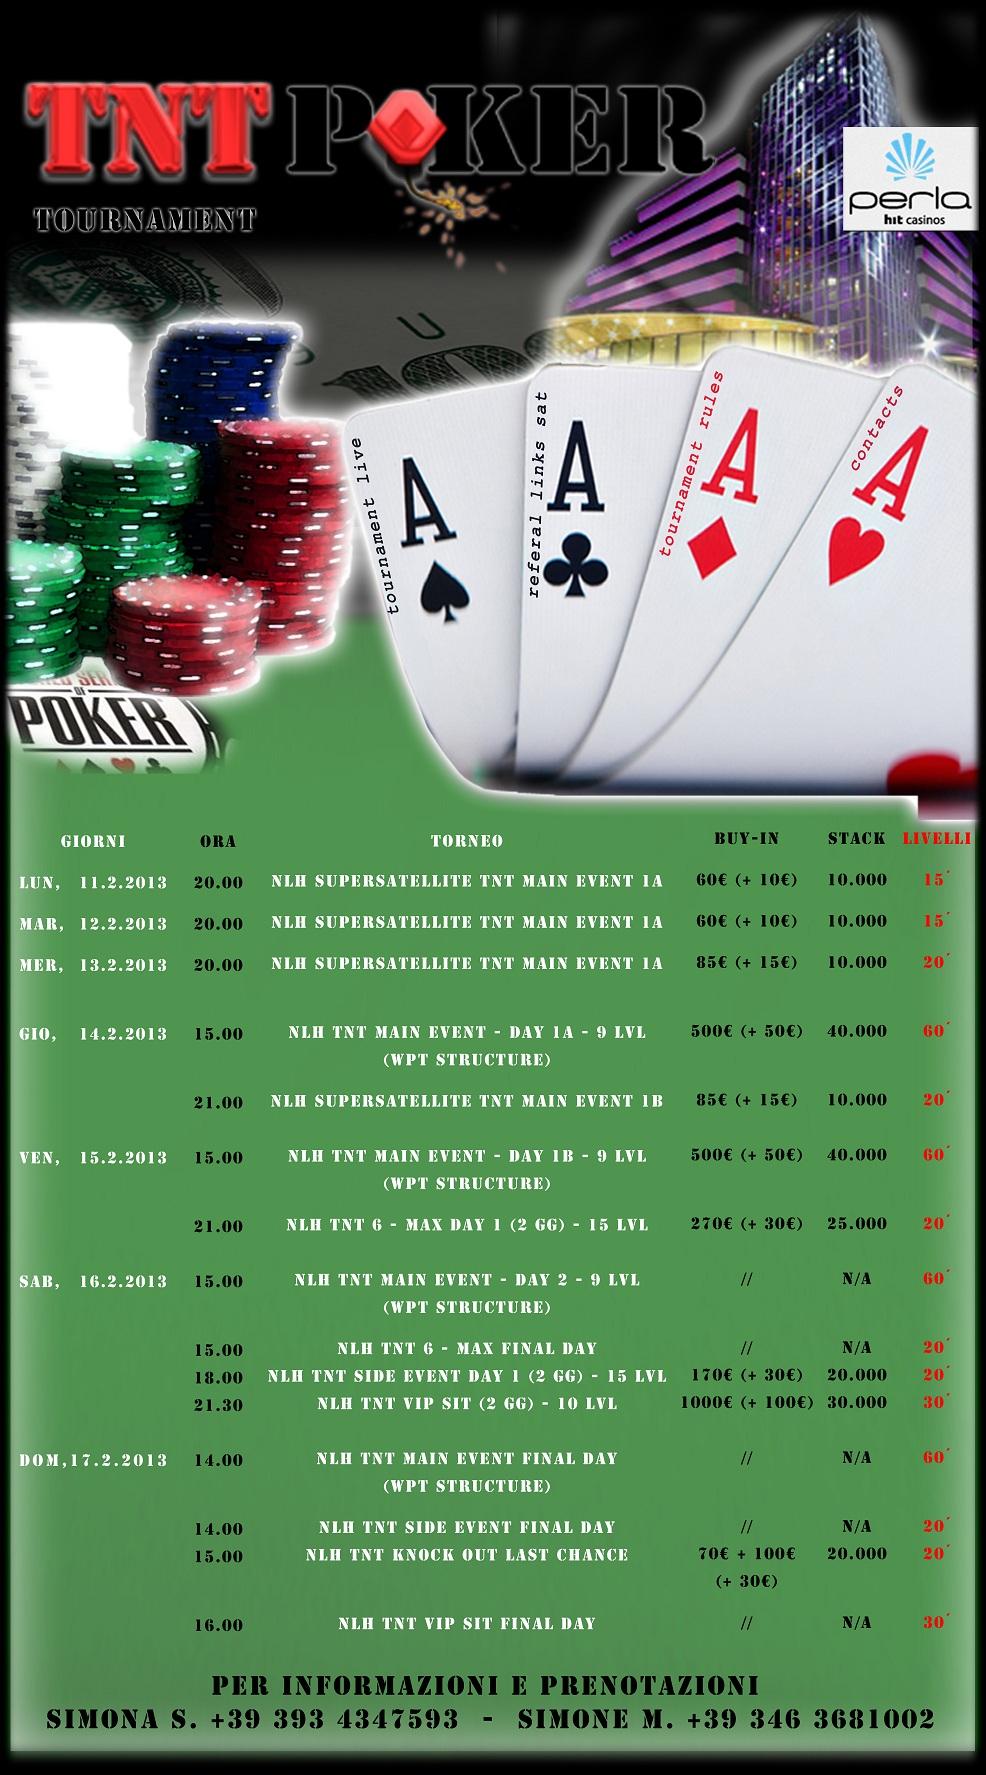 Tnt poker